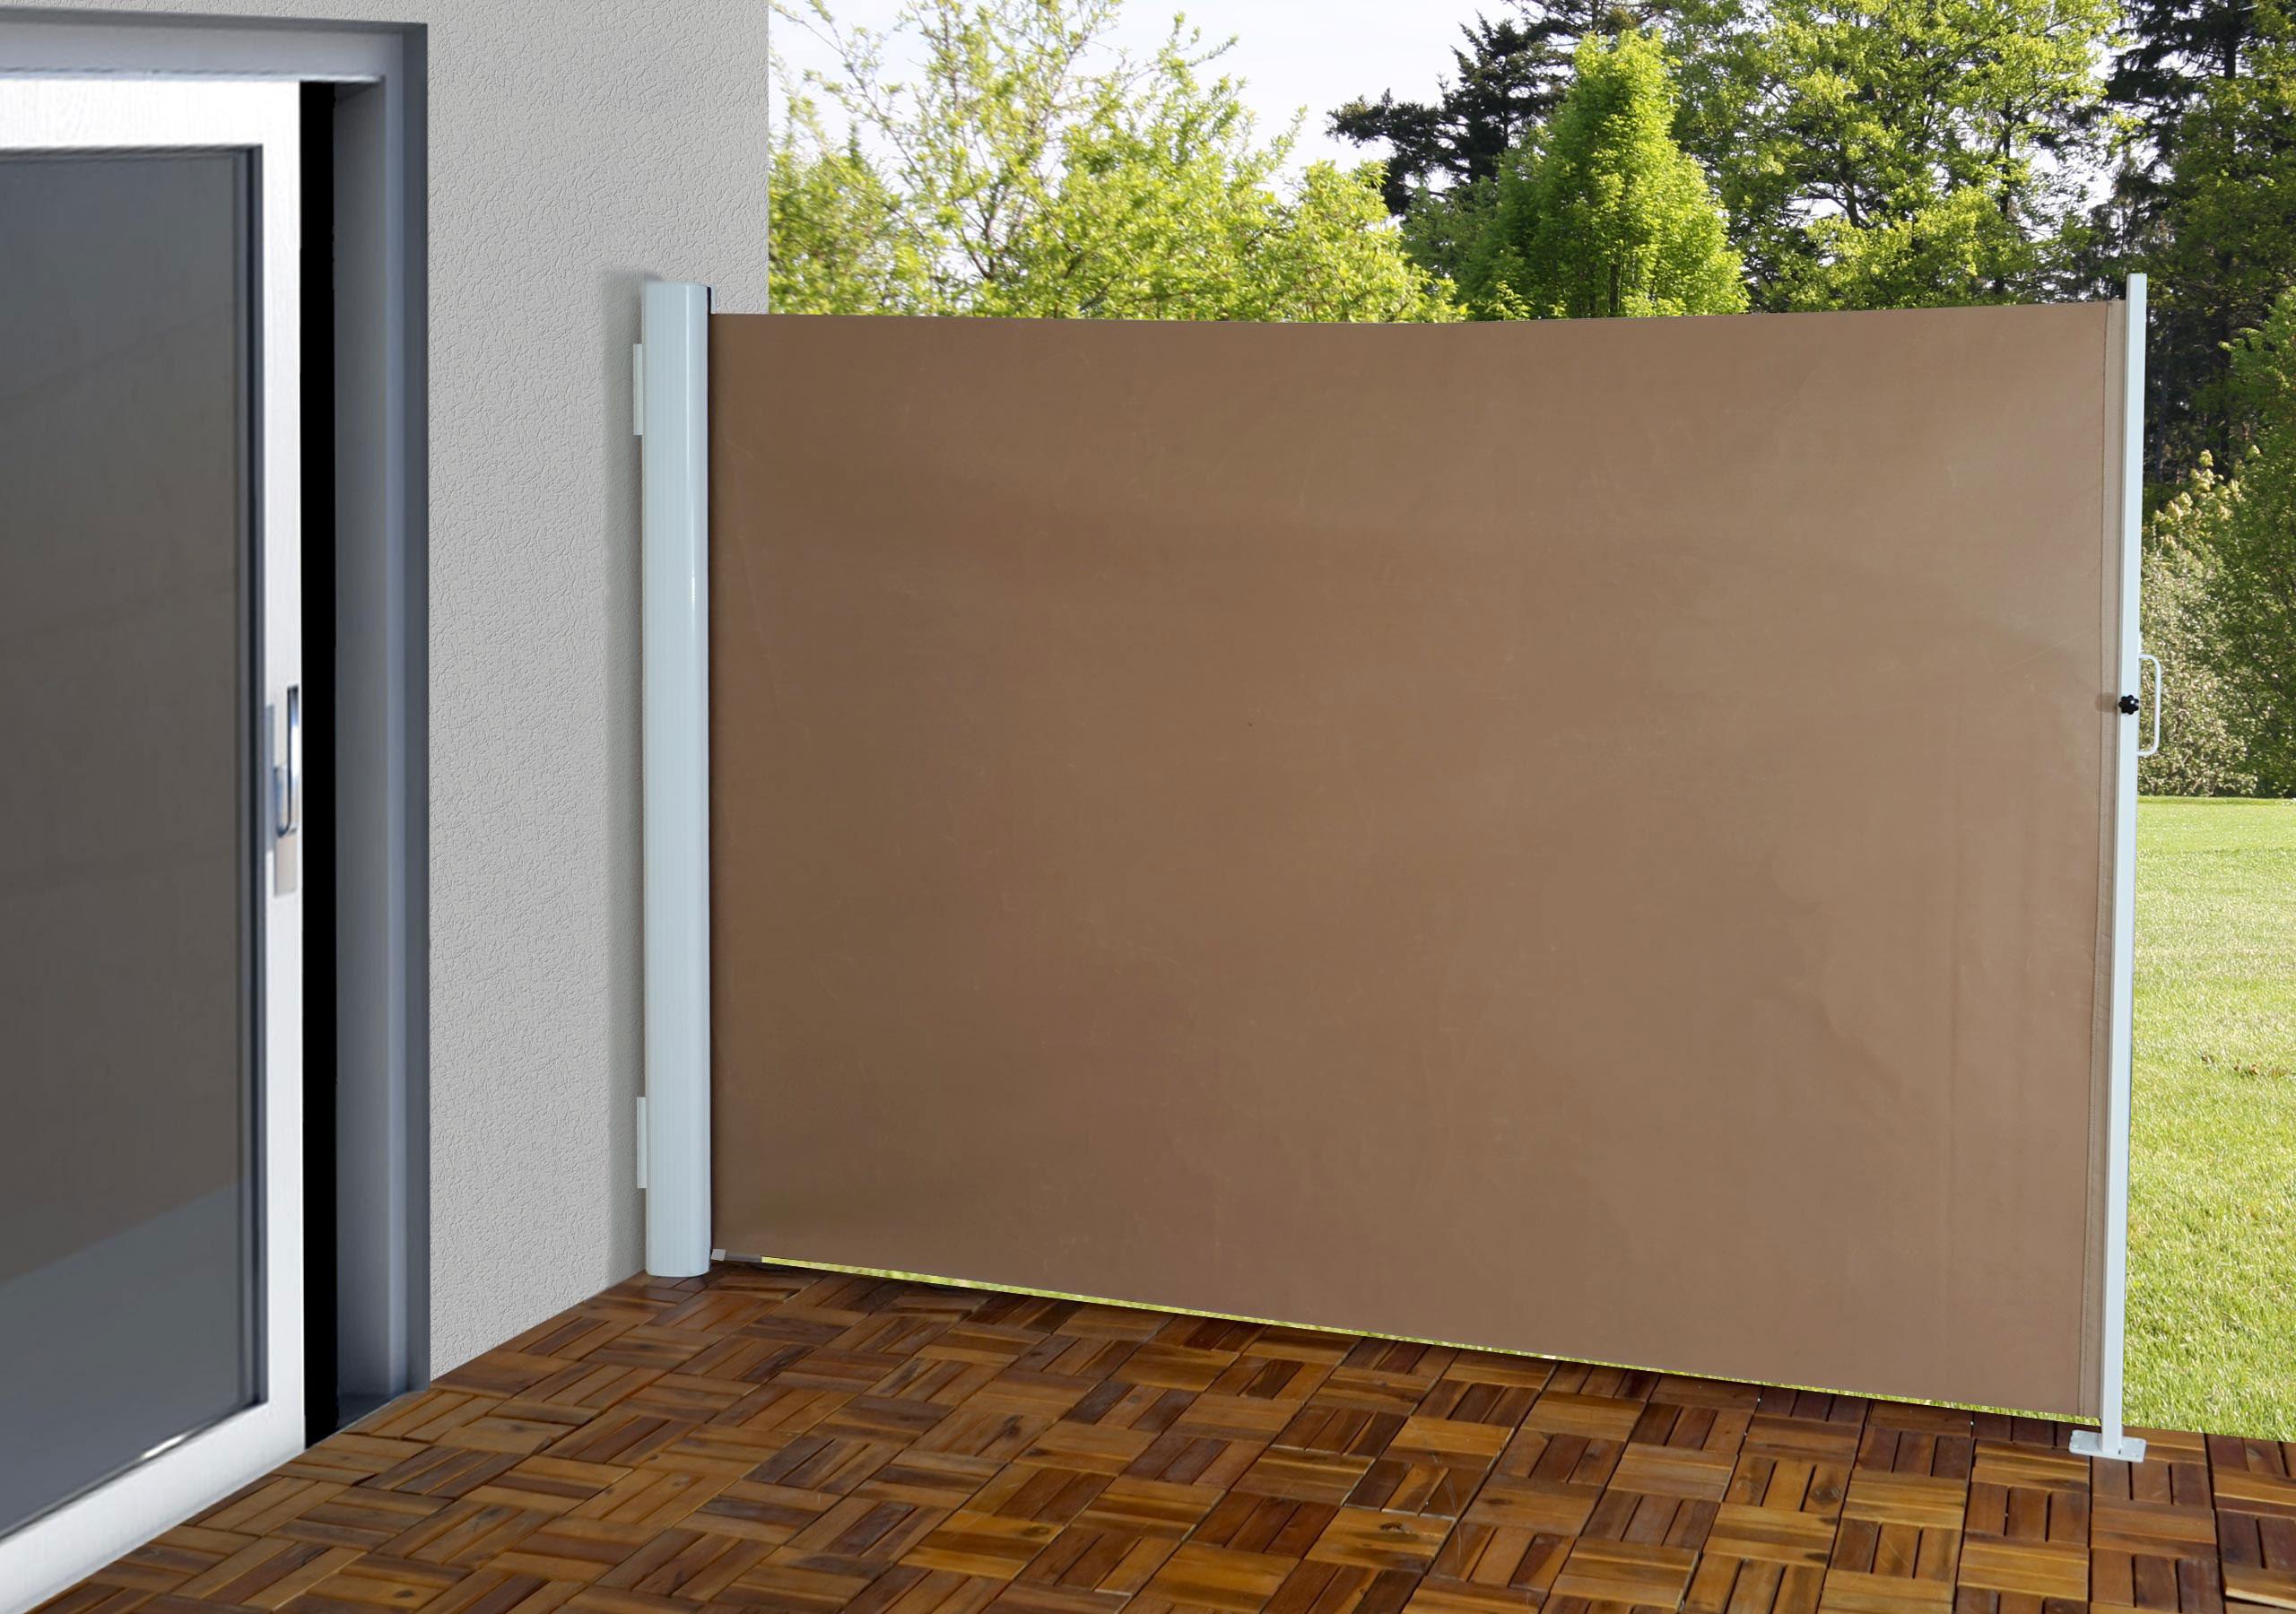 Paravento laterale T139 per esterni poliestere alluminio marrone ...